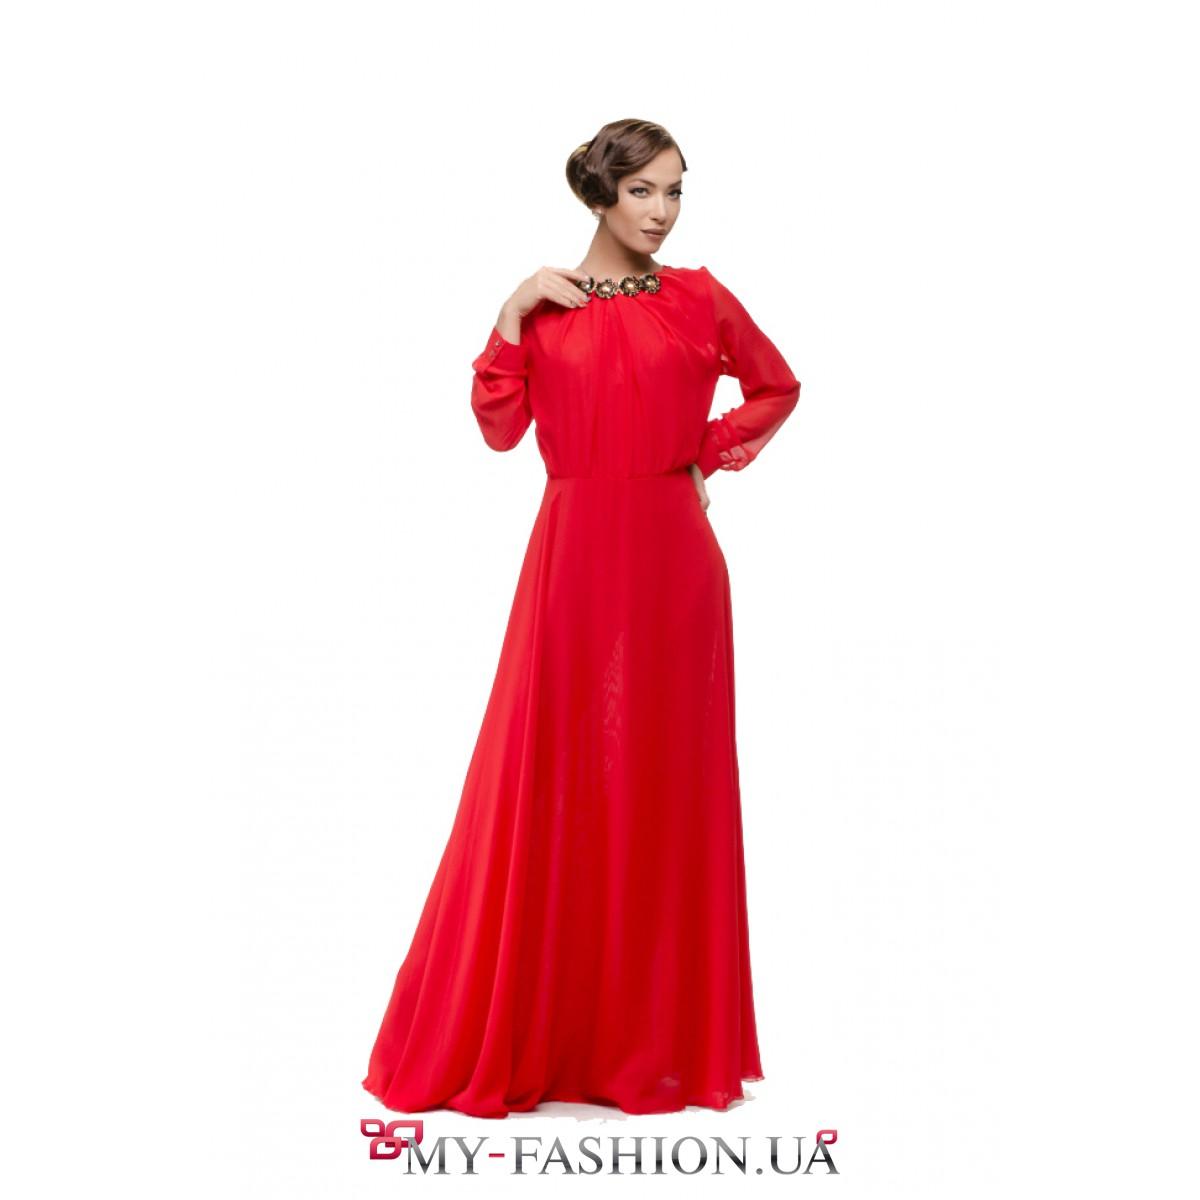 Вечернее Платье Красного Цвета Купить